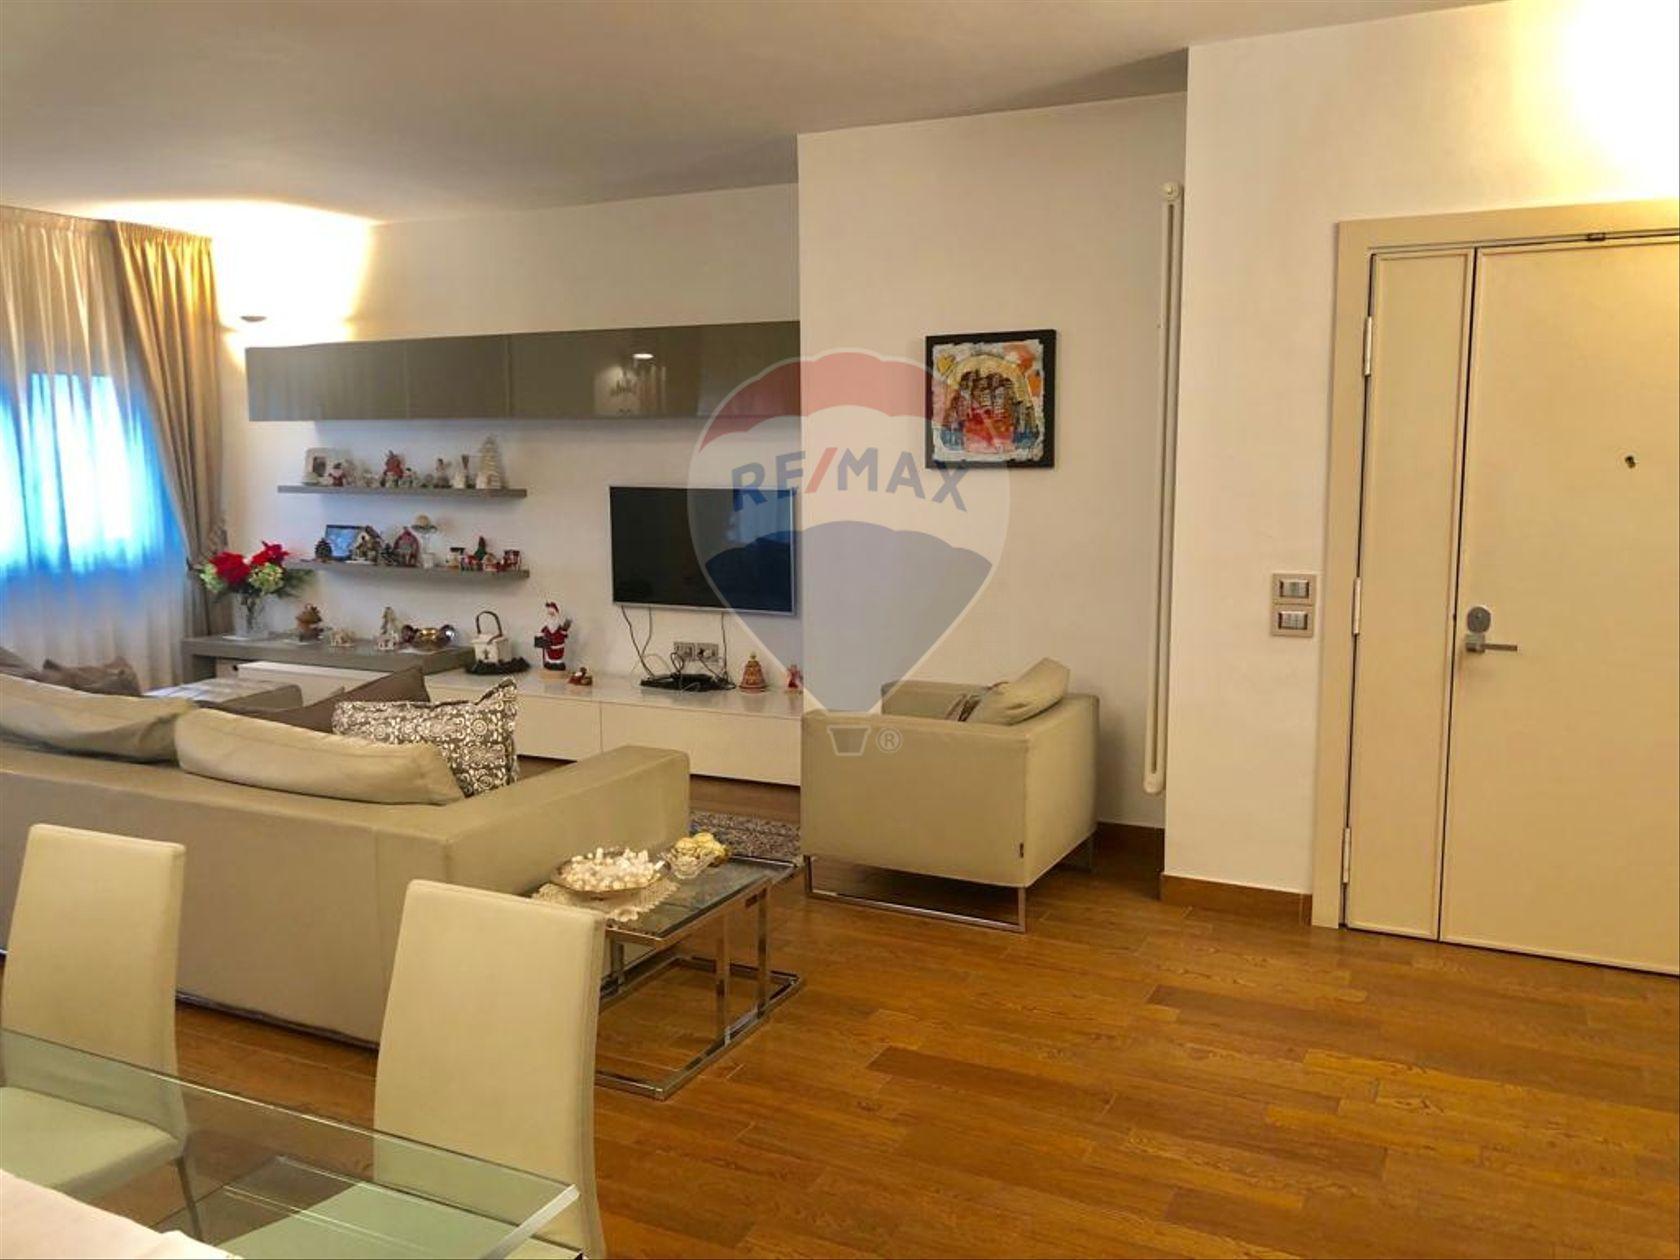 Appartamento Zona stazione, Aversa, CE Vendita - Foto 20